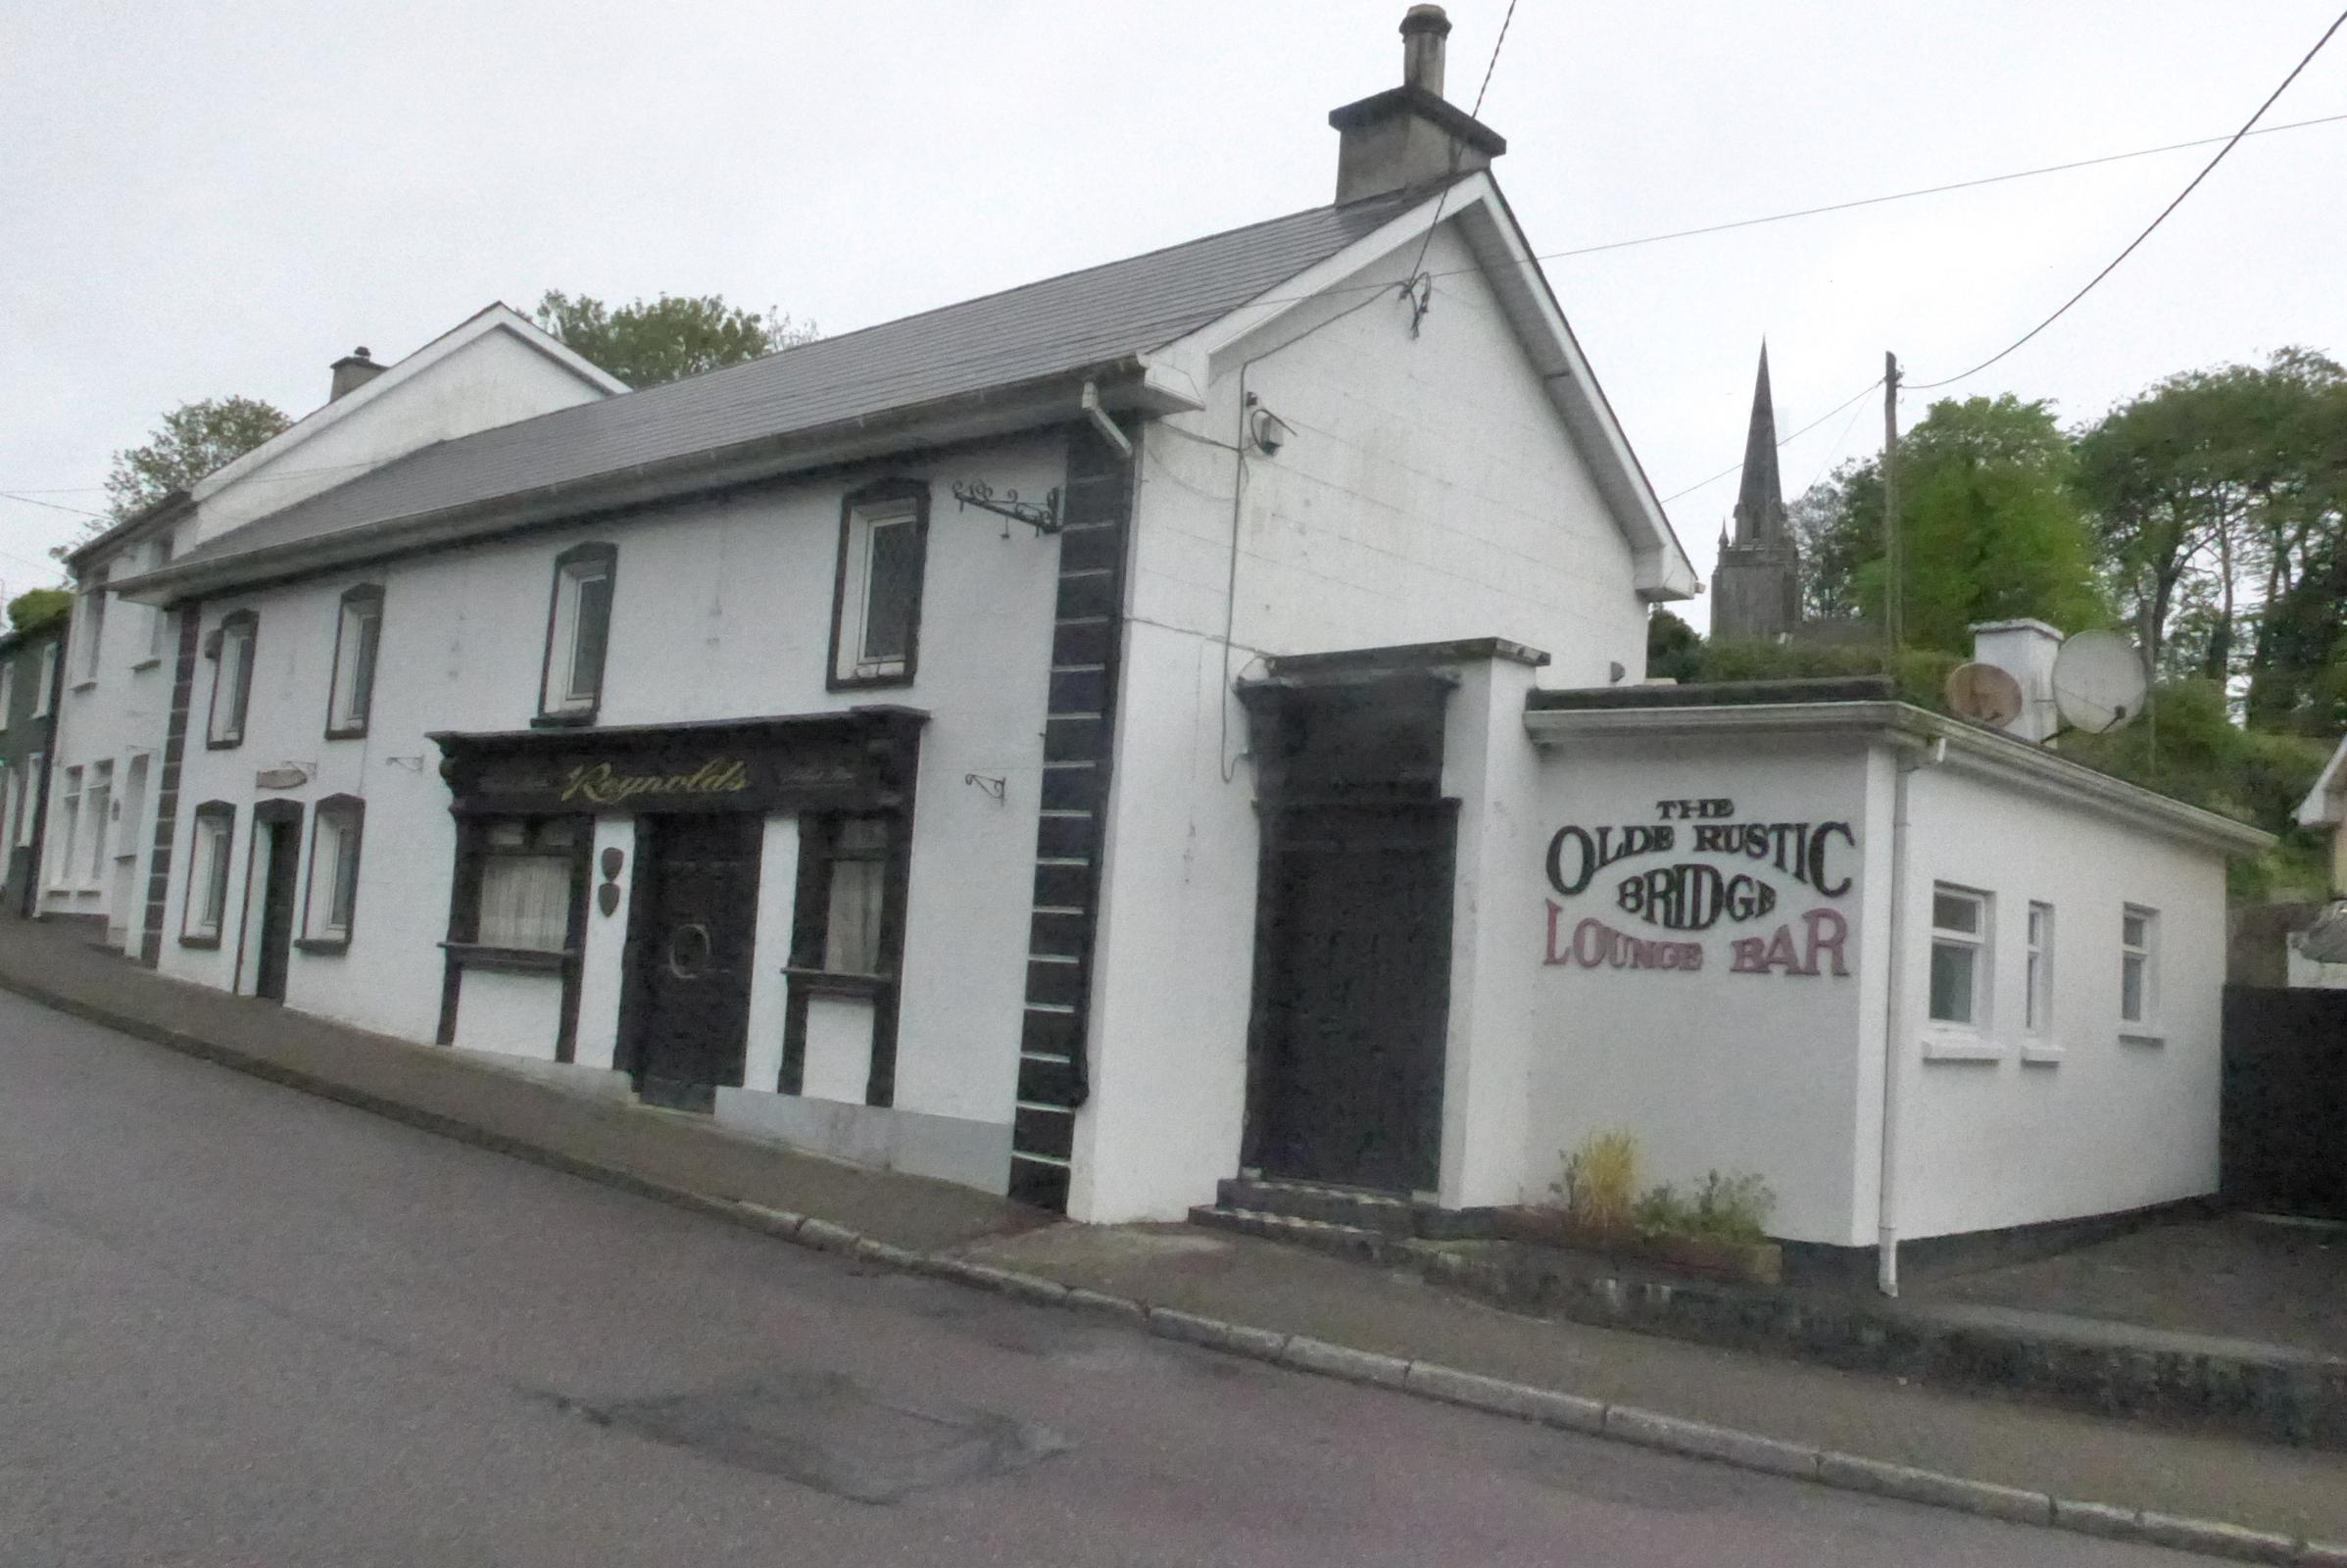 Former Olde Rustic Bridge Bar, Castletownroche, Co. Cork